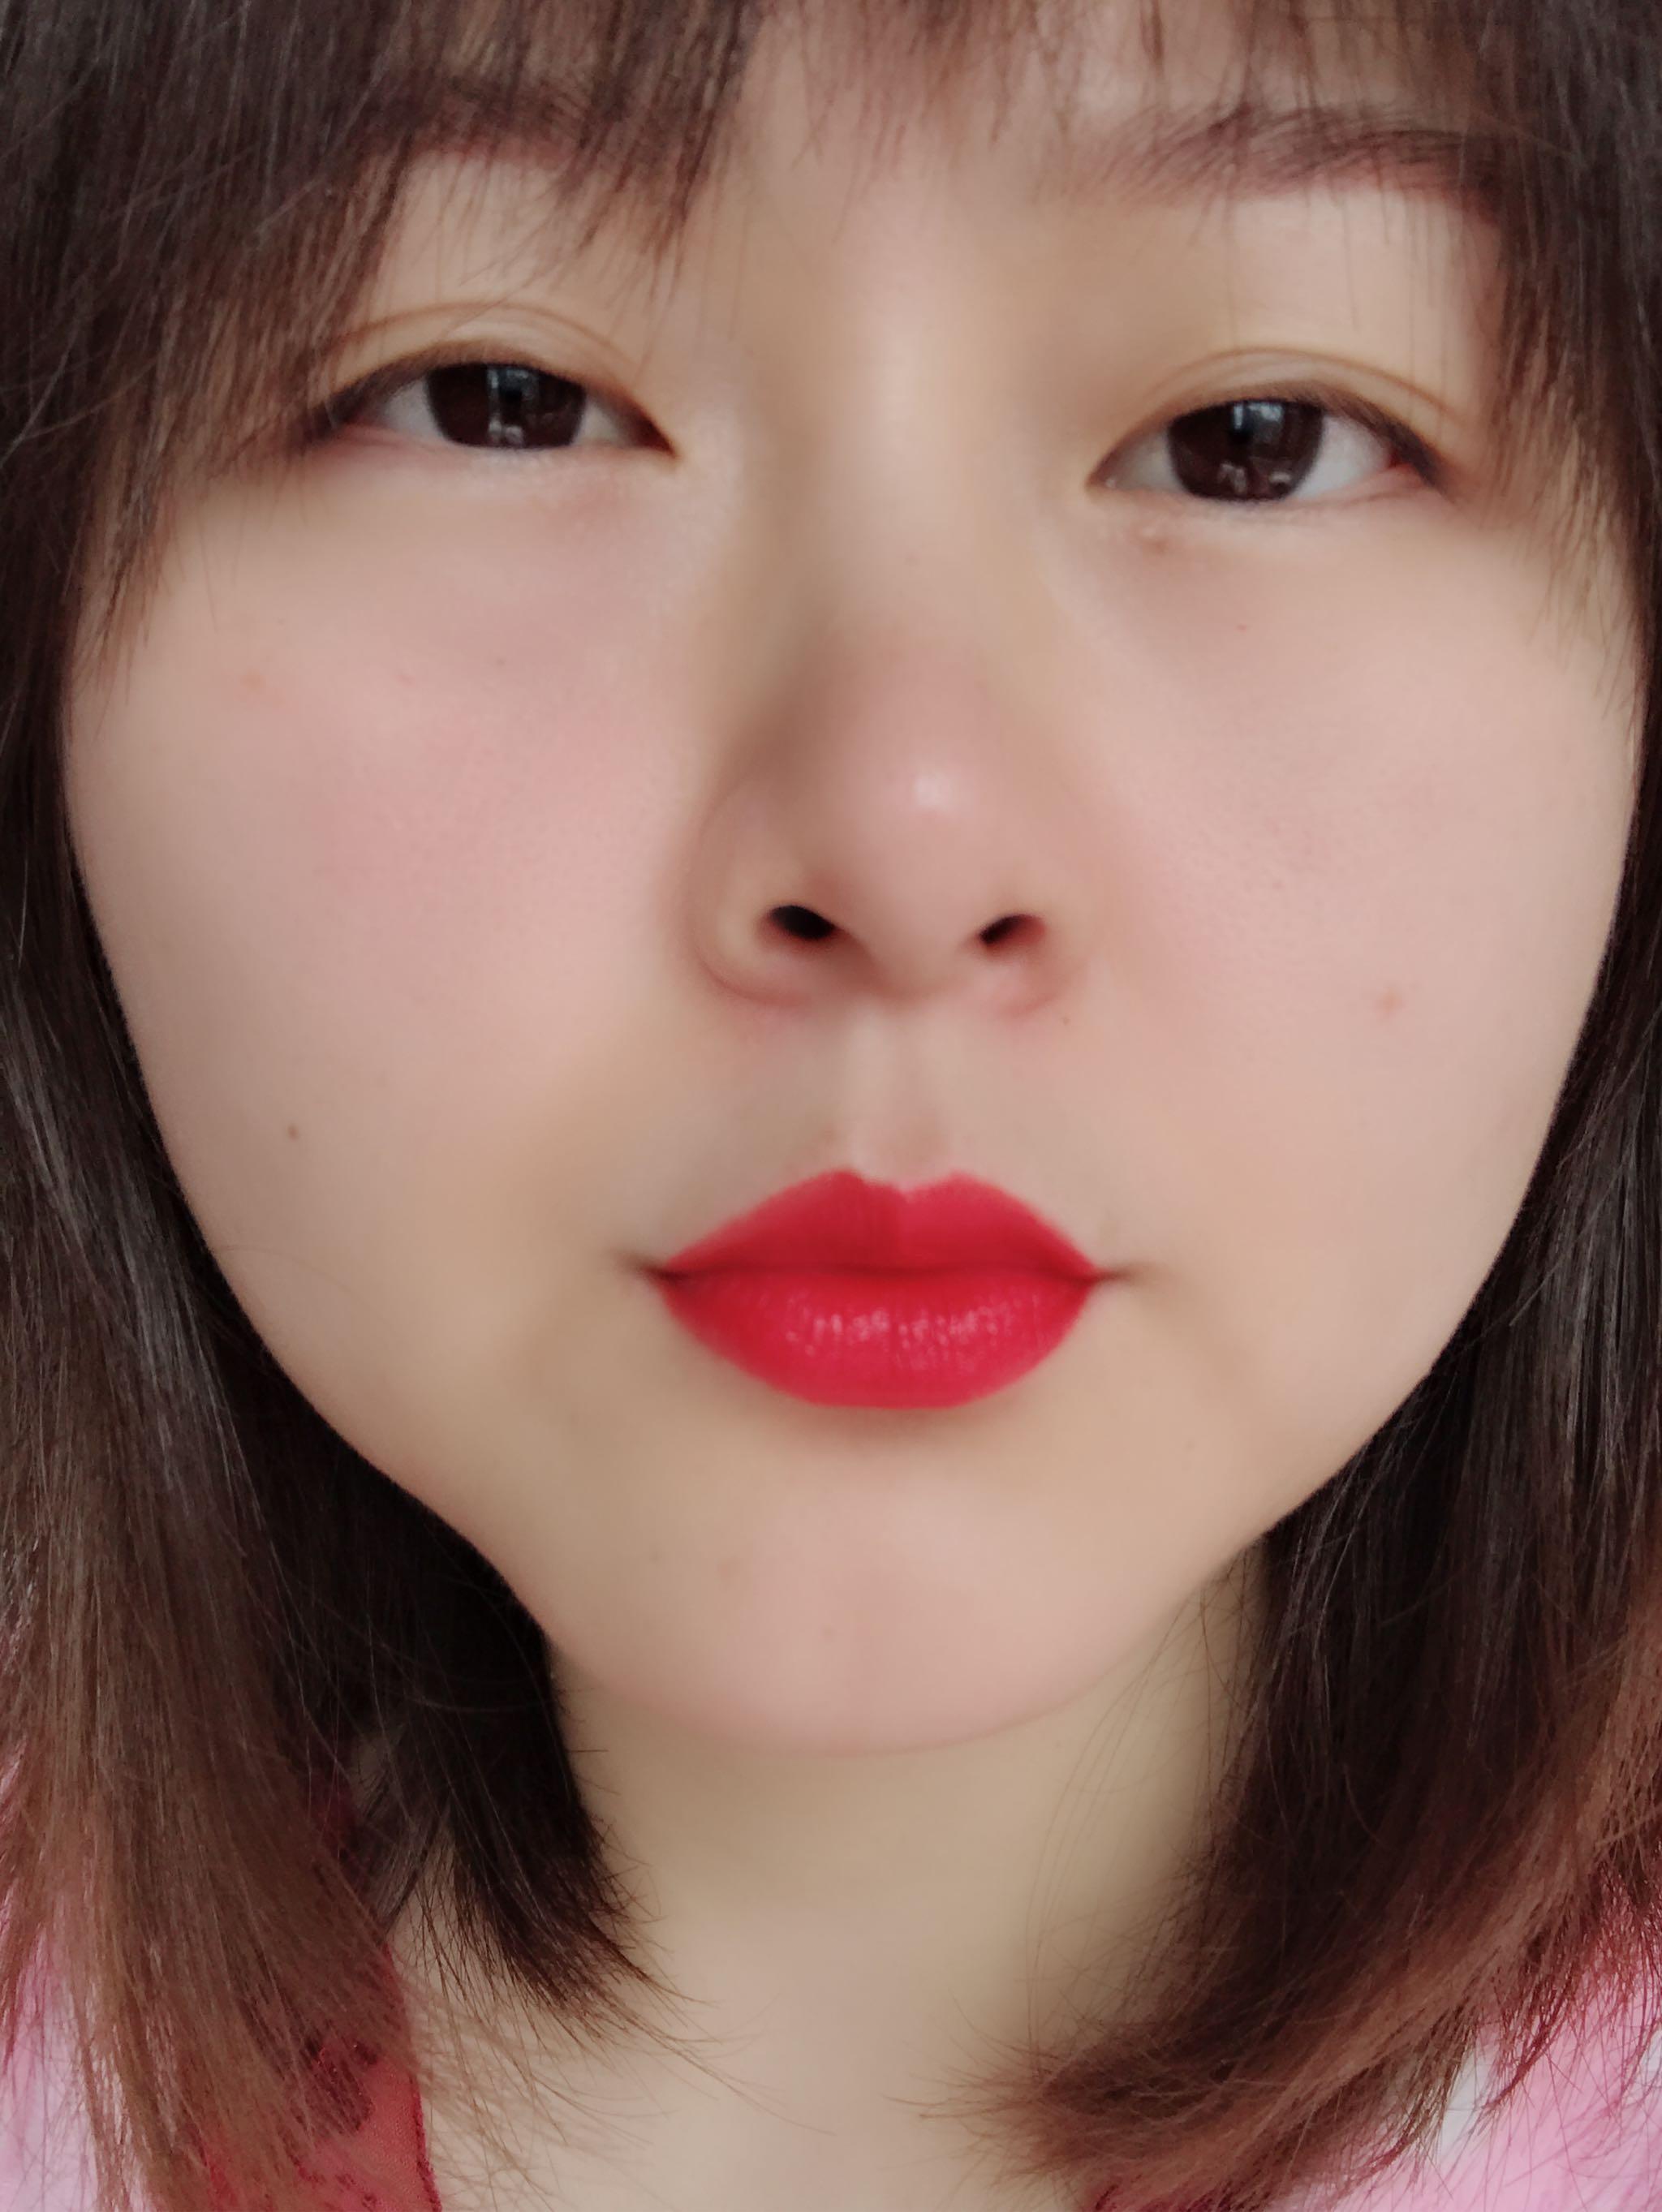 曼宁口红1号色枫叶红试色,偏橘显白